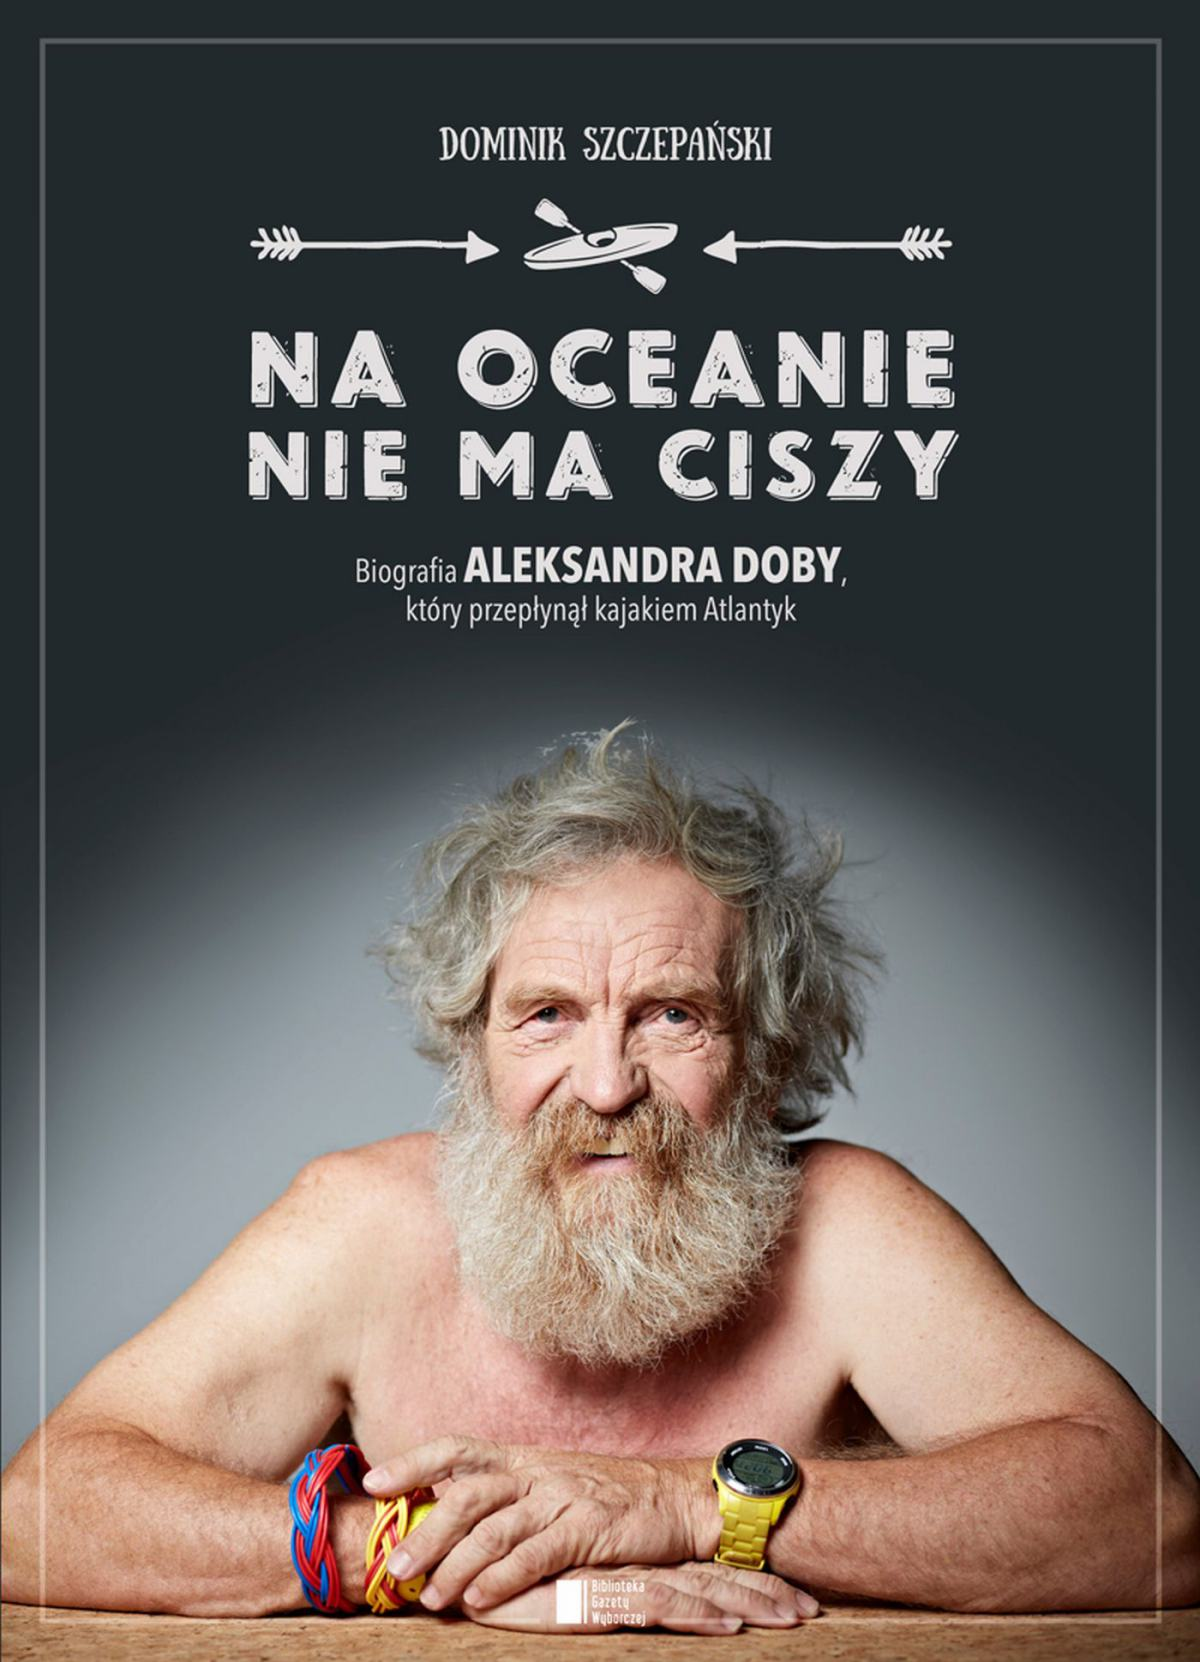 Na oceanie nie ma ciszy. Biografia Aleksandra Doby, który przepłynął kajakiem Atlantyk. - Ebook (Książka na Kindle) do pobrania w formacie MOBI